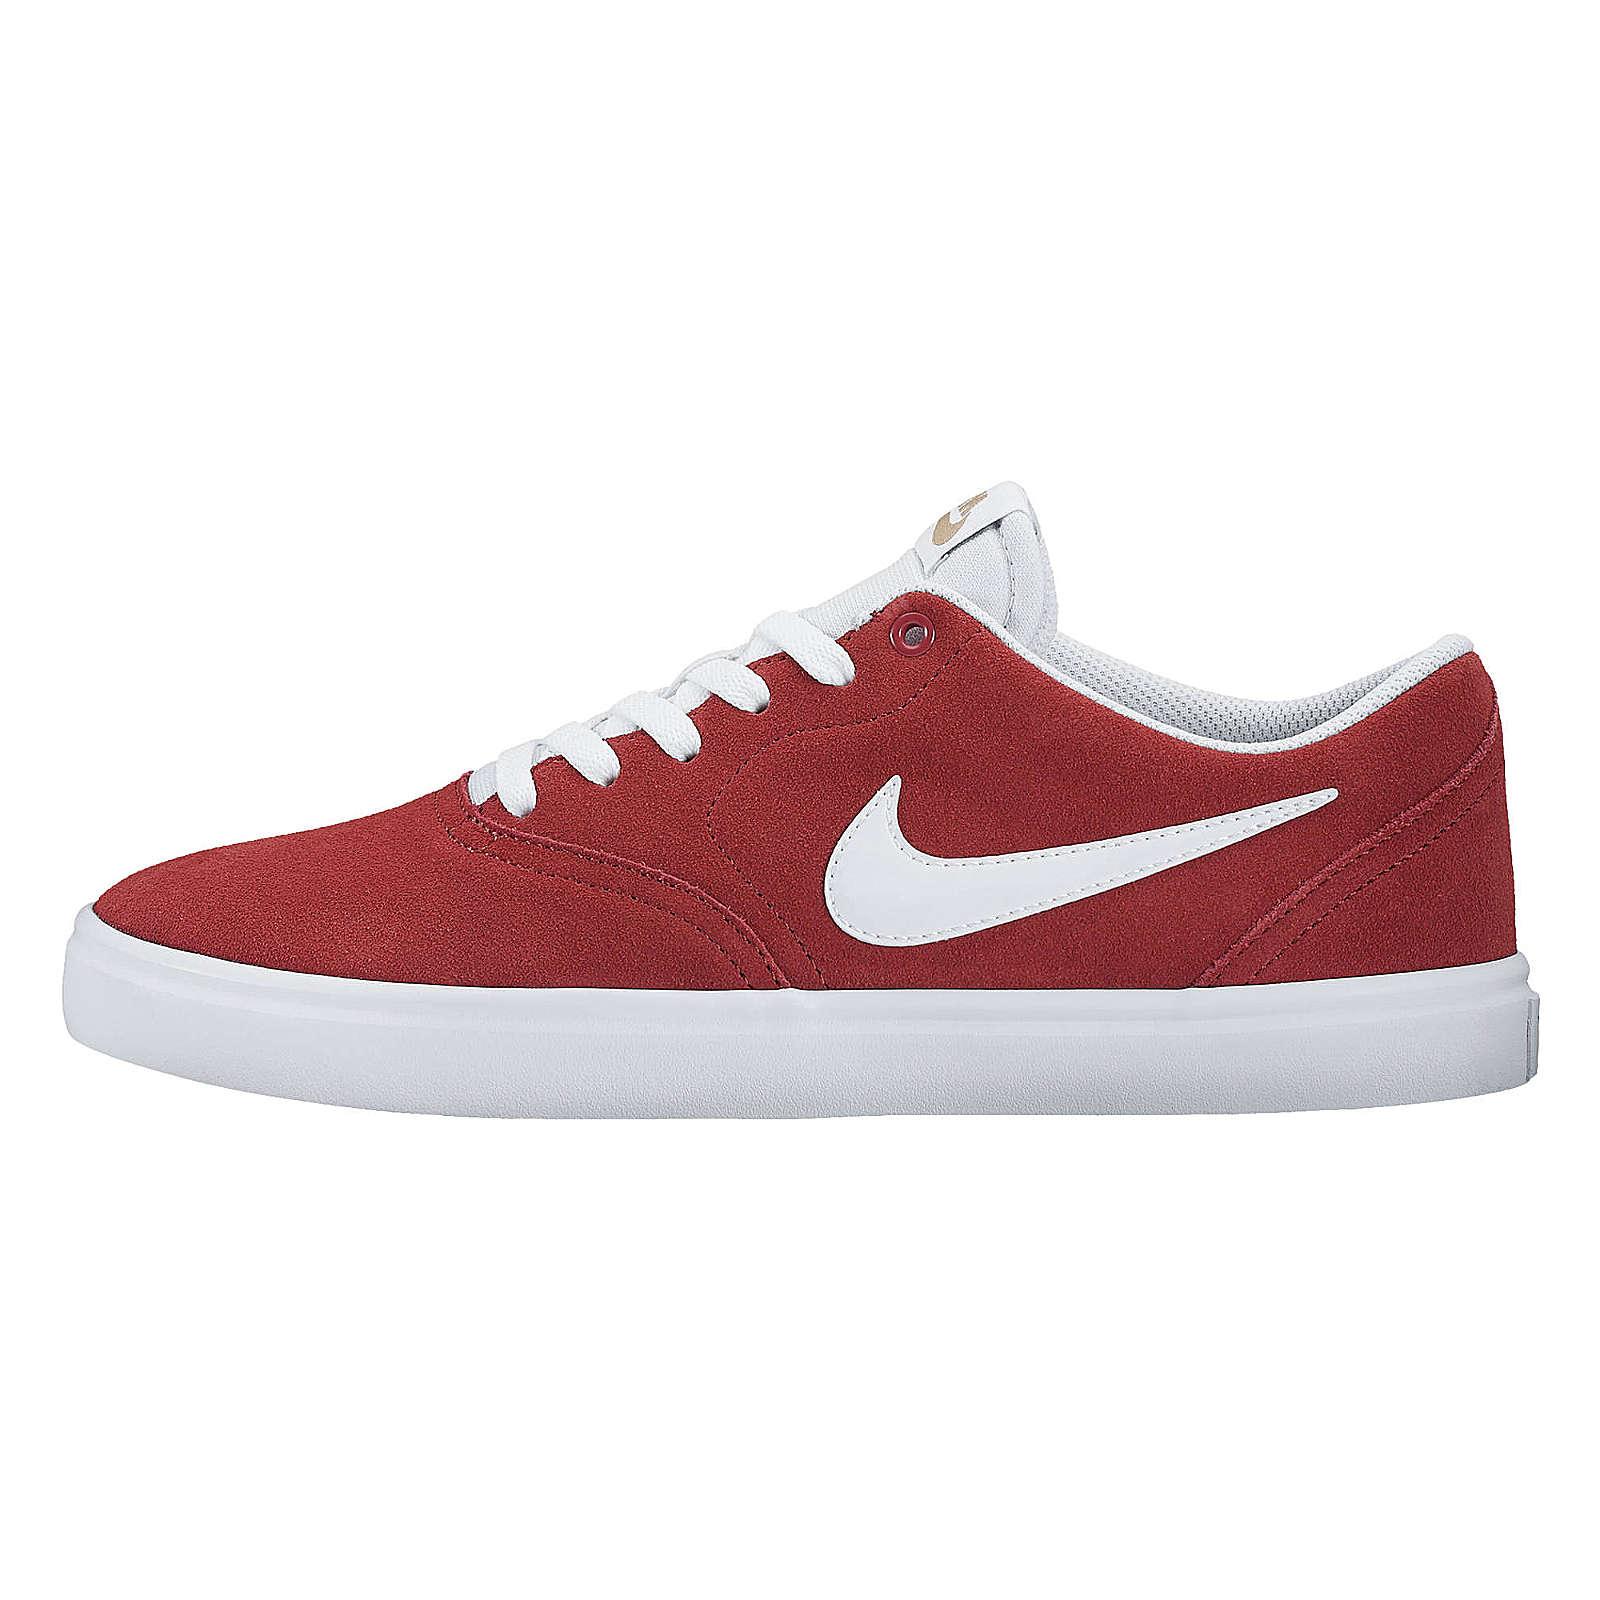 Image of 843895-610 Nike Men's SB Check Solarsoft Skateboarding Shoe [GR 38,5 US 6]